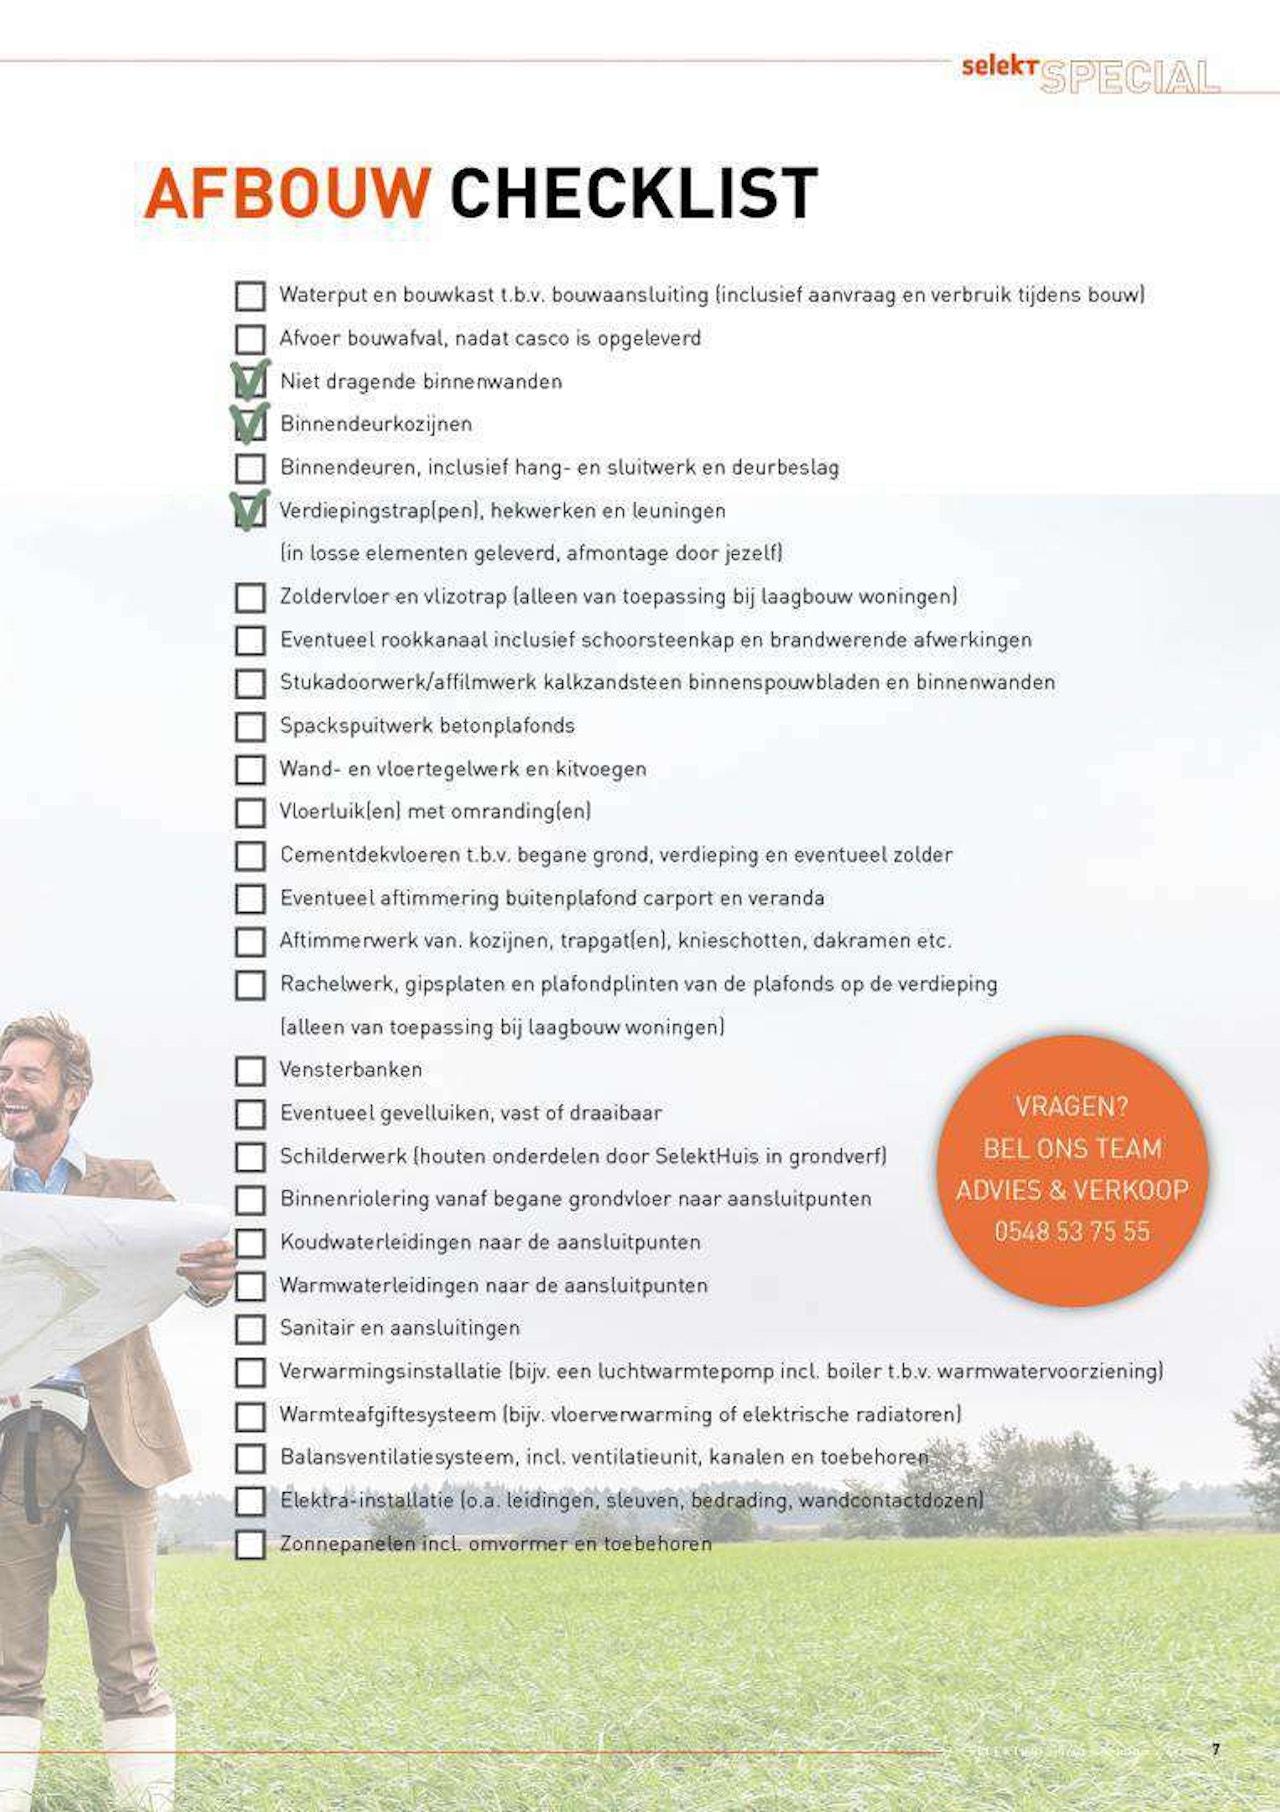 Checklist voor de afbouw van een woning